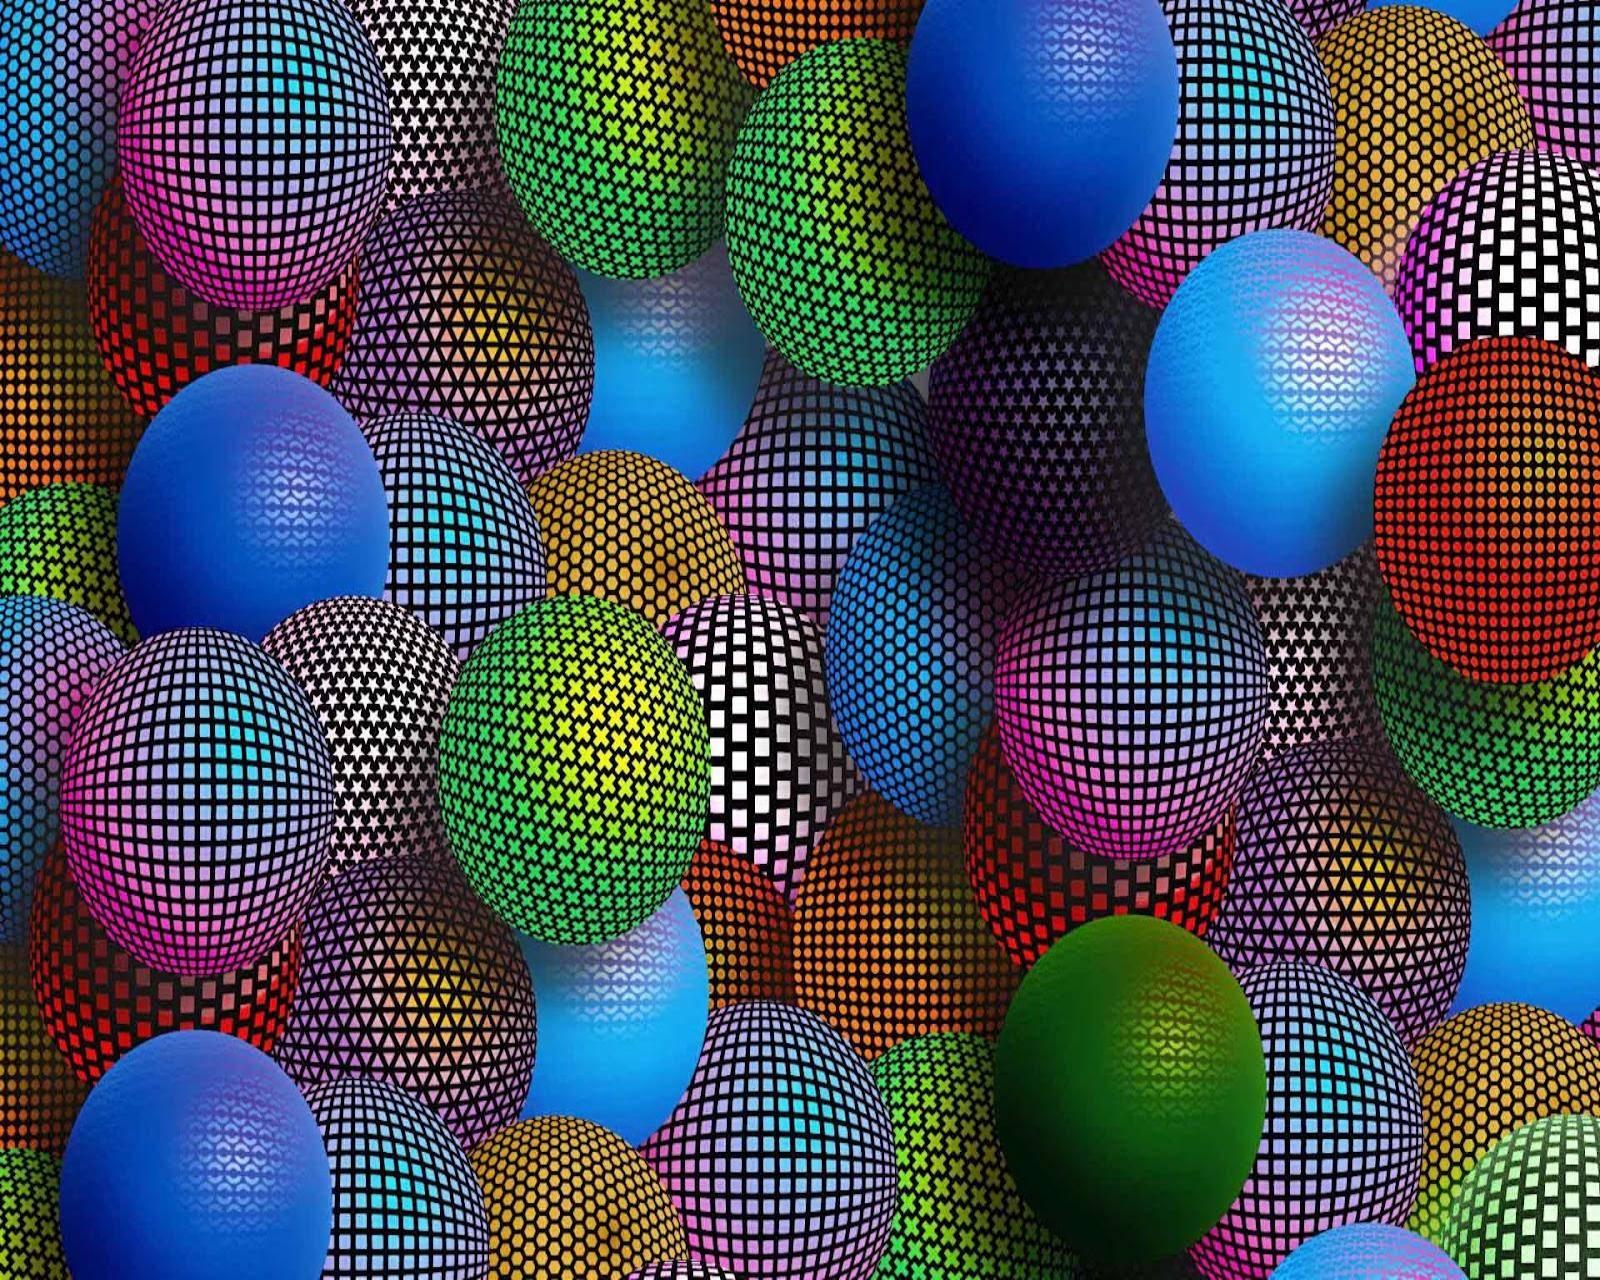 Colorful 3d